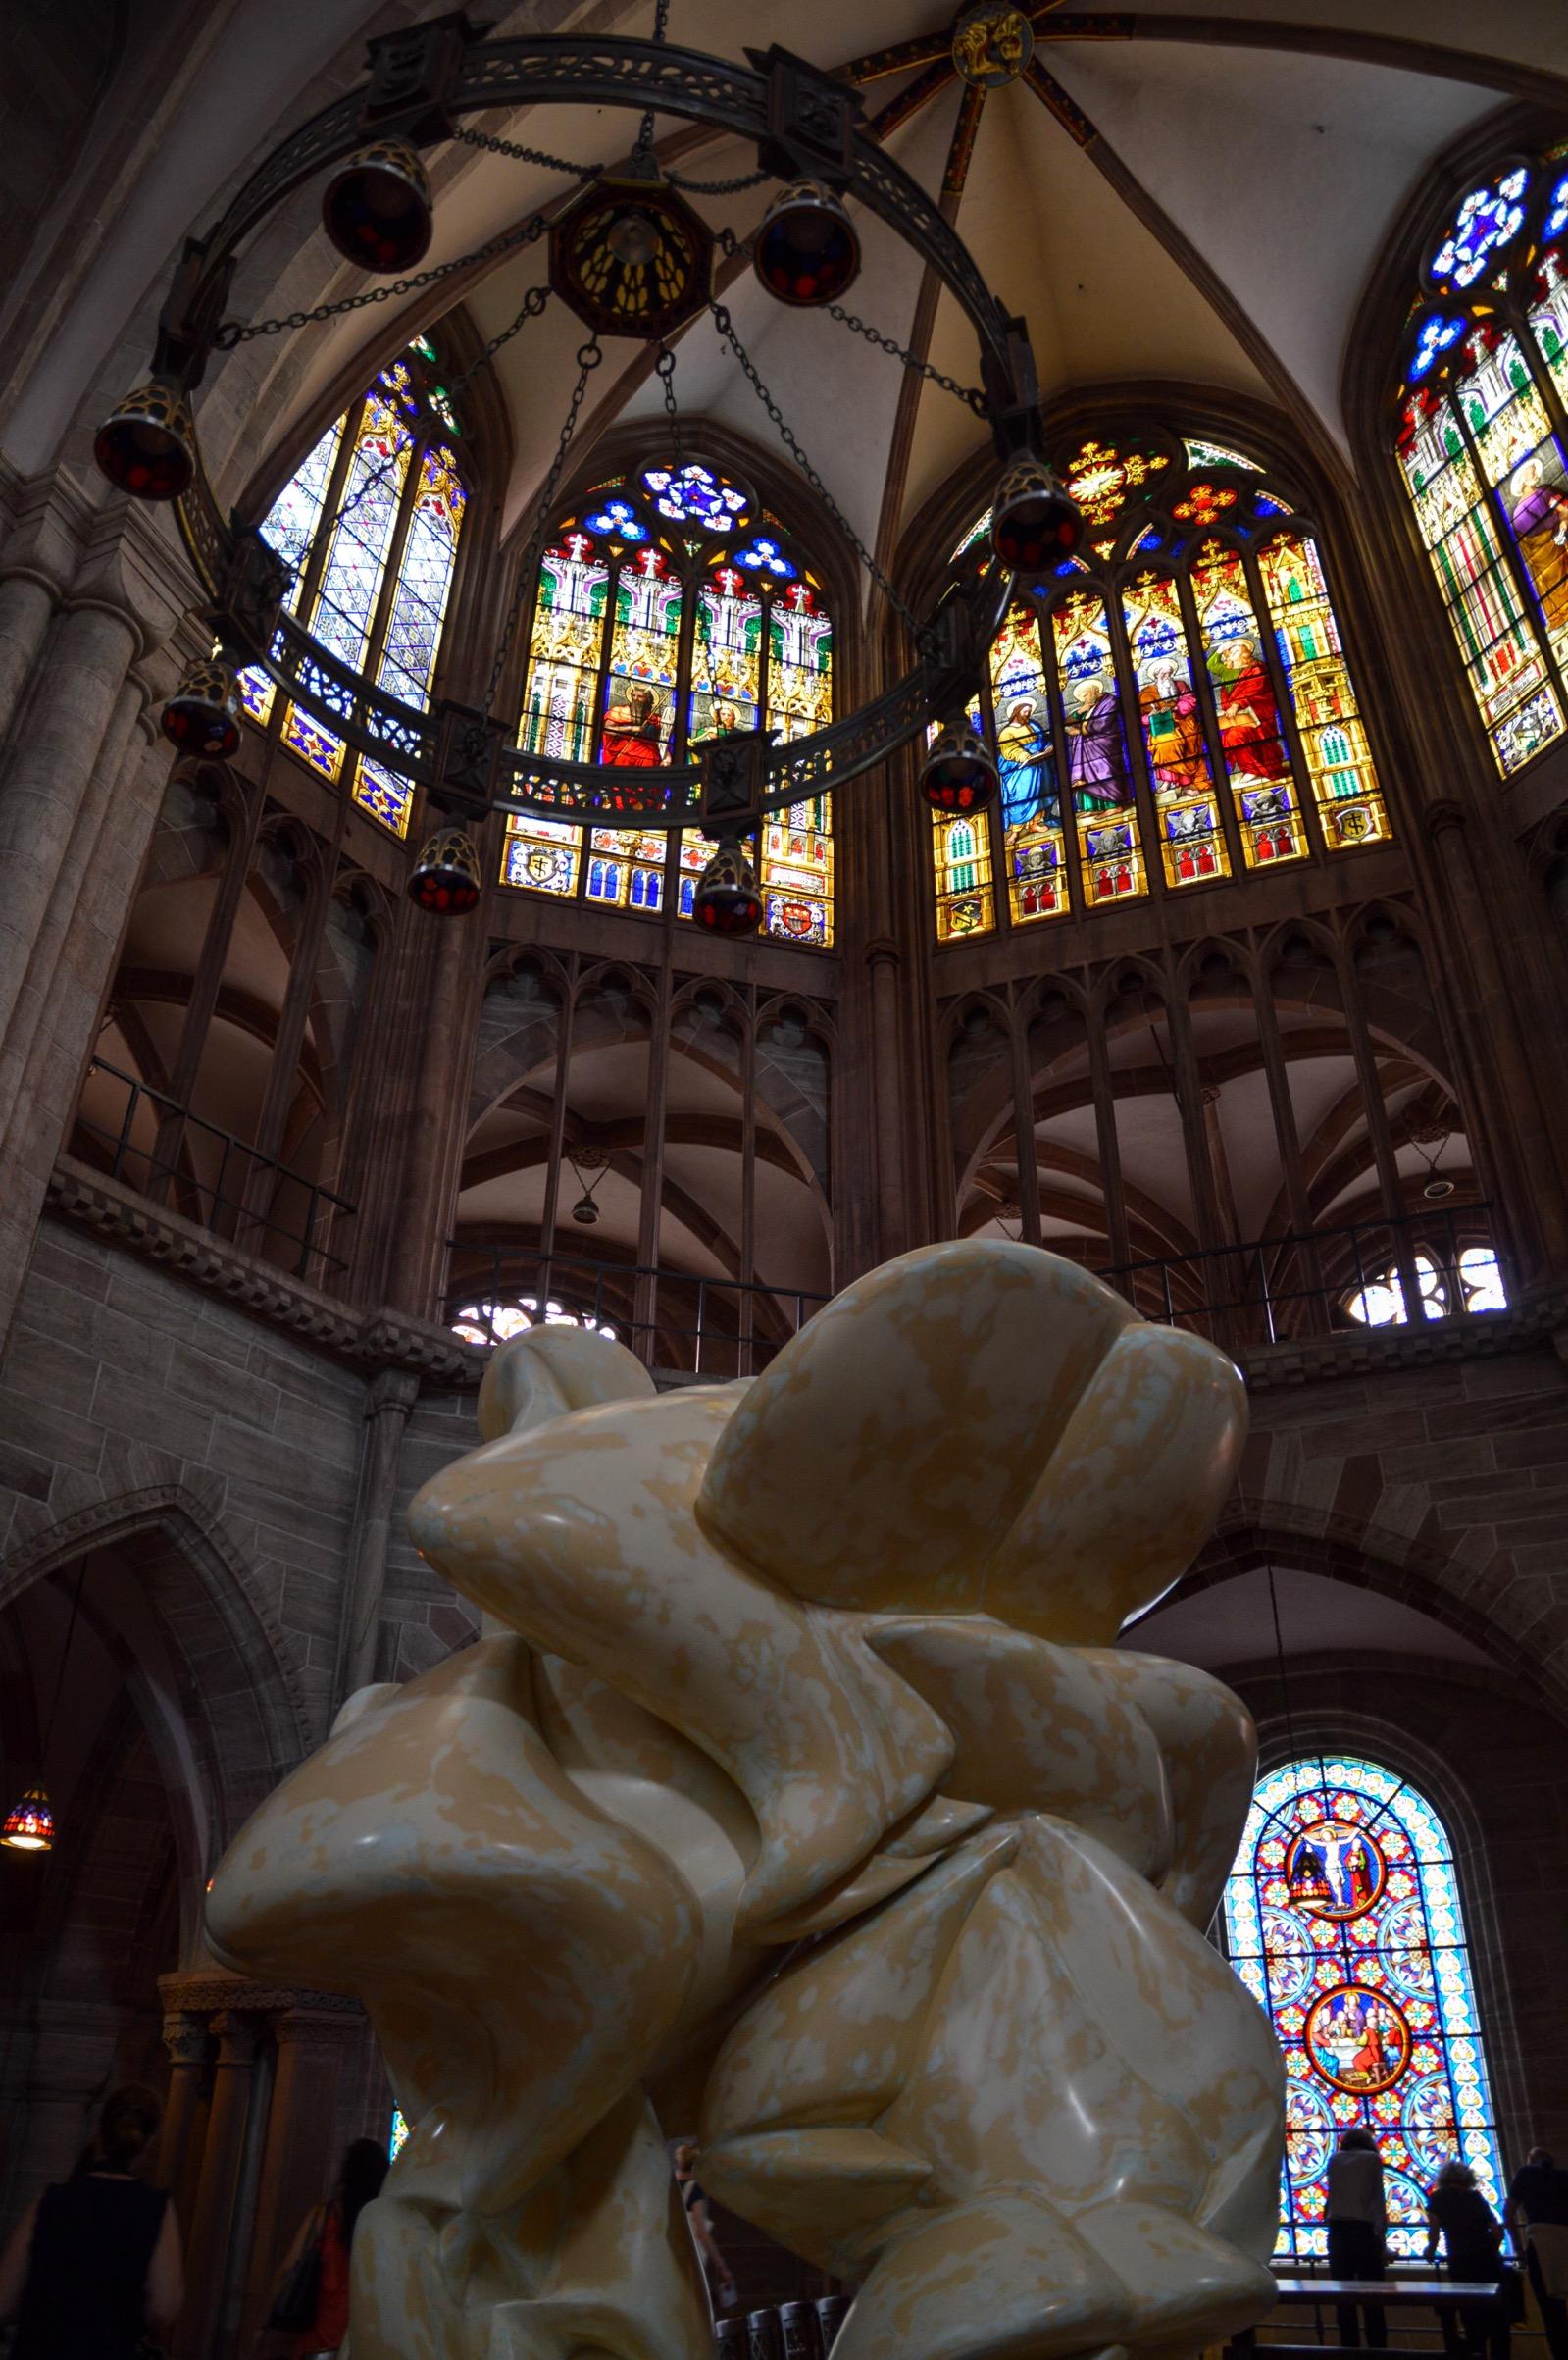 Basler Münster, Basel, Switzerland